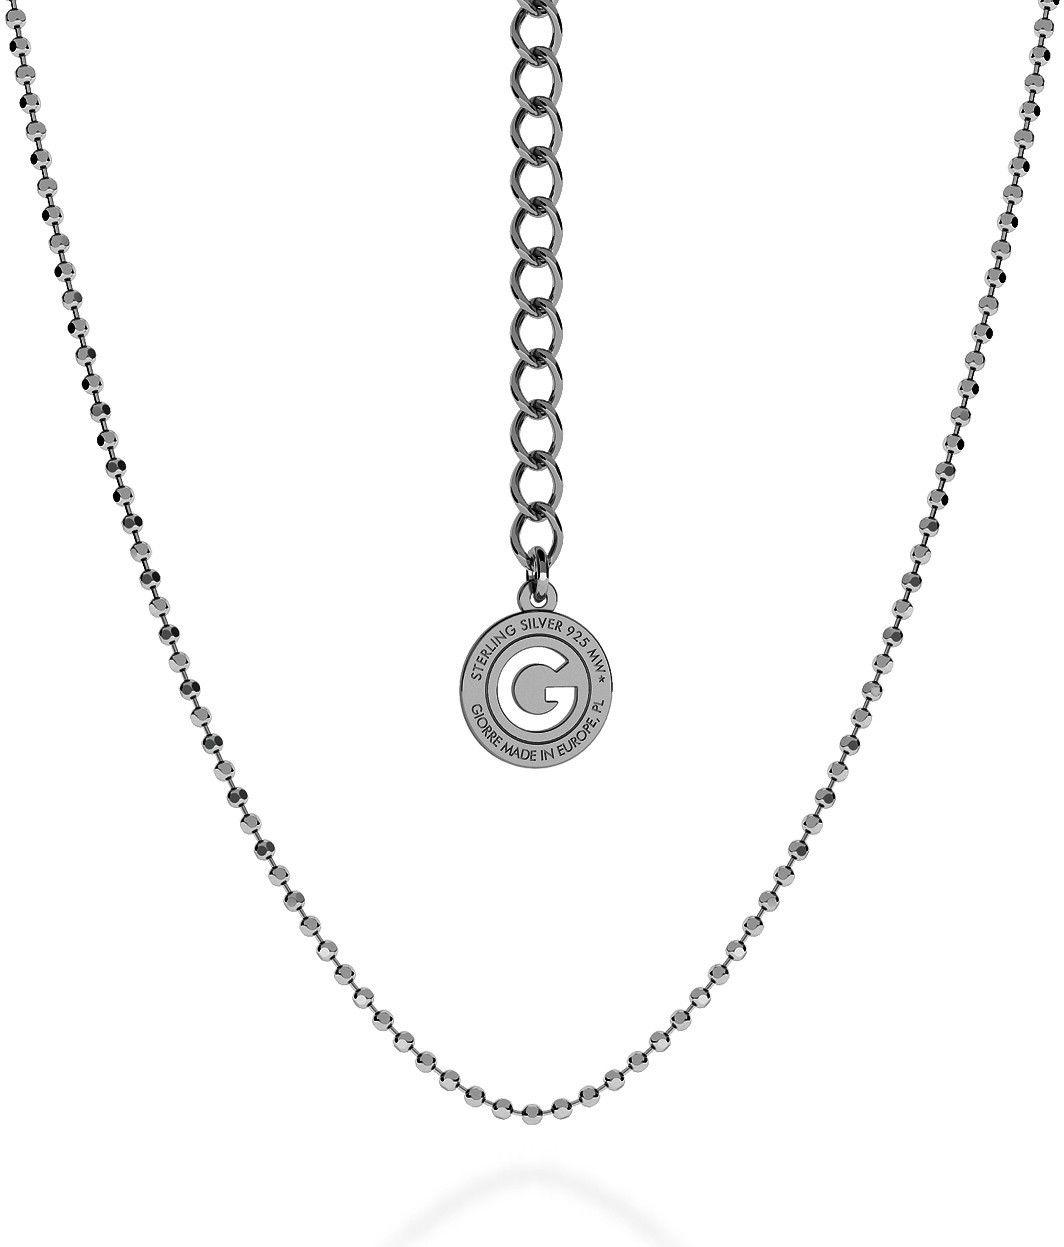 Srebrny łańcuszek pancerka diamentowana, srebro 925 : Długość (cm) - 45, Srebro - kolor pokrycia - Pokrycie platyną